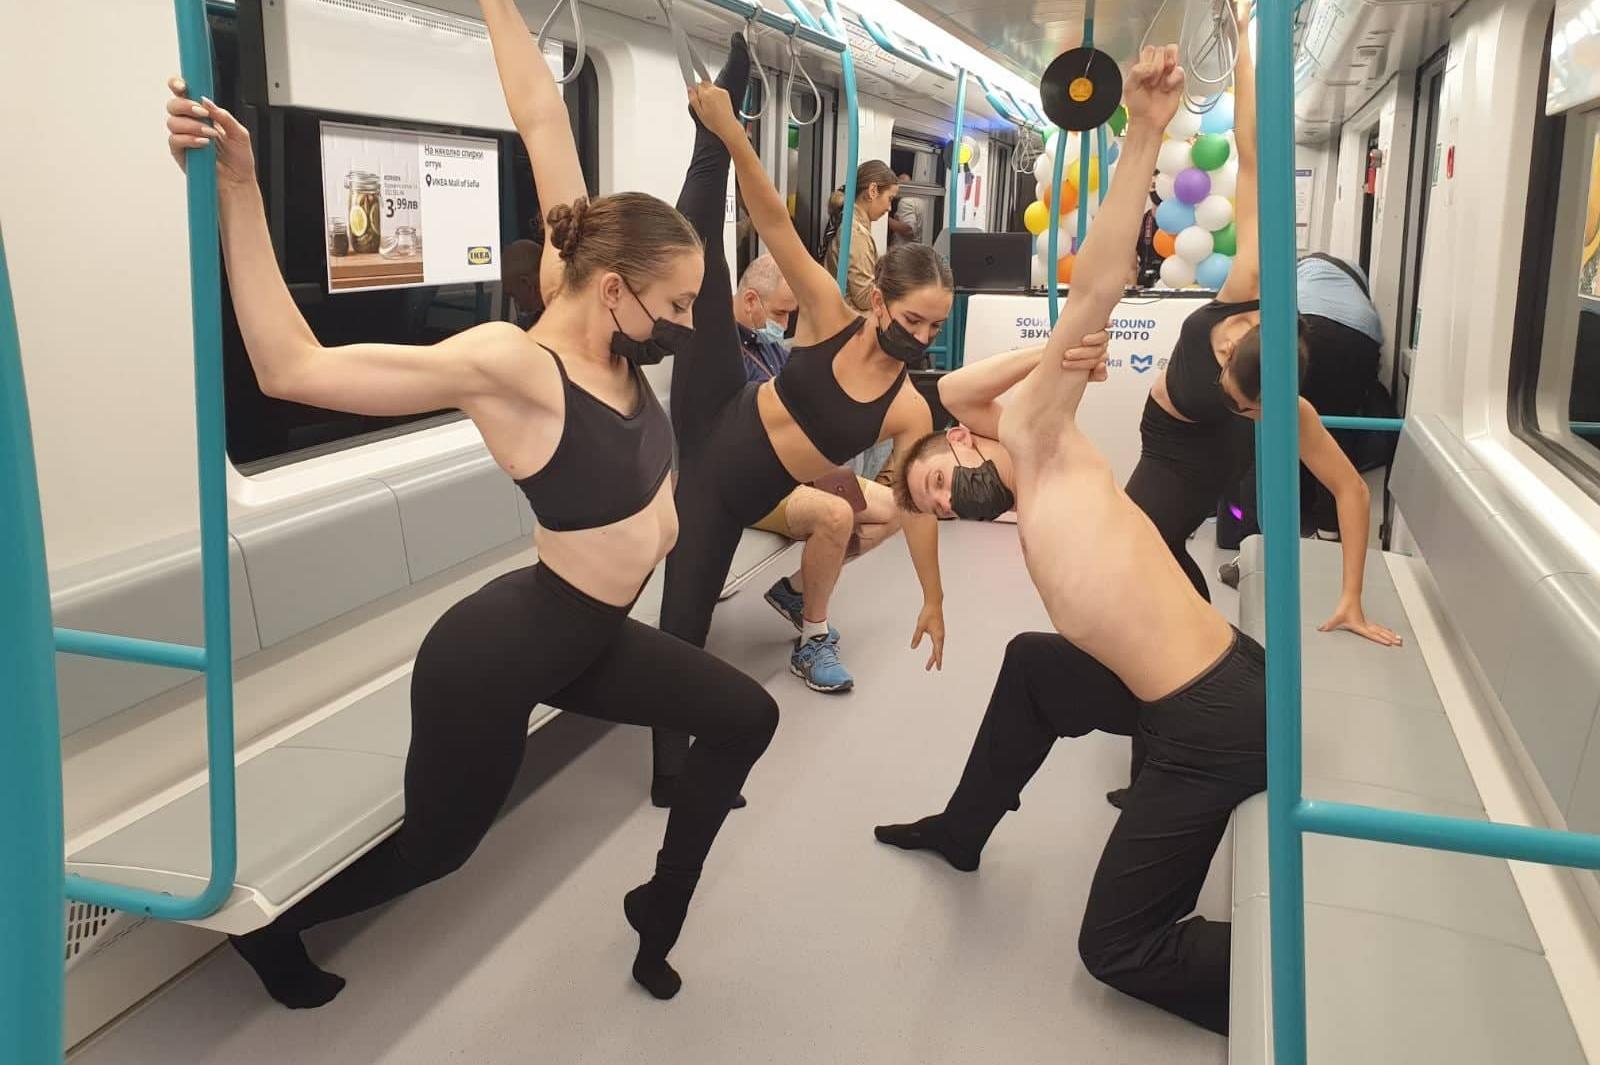 Вечерен флашмоп в столичното метро за празника на София